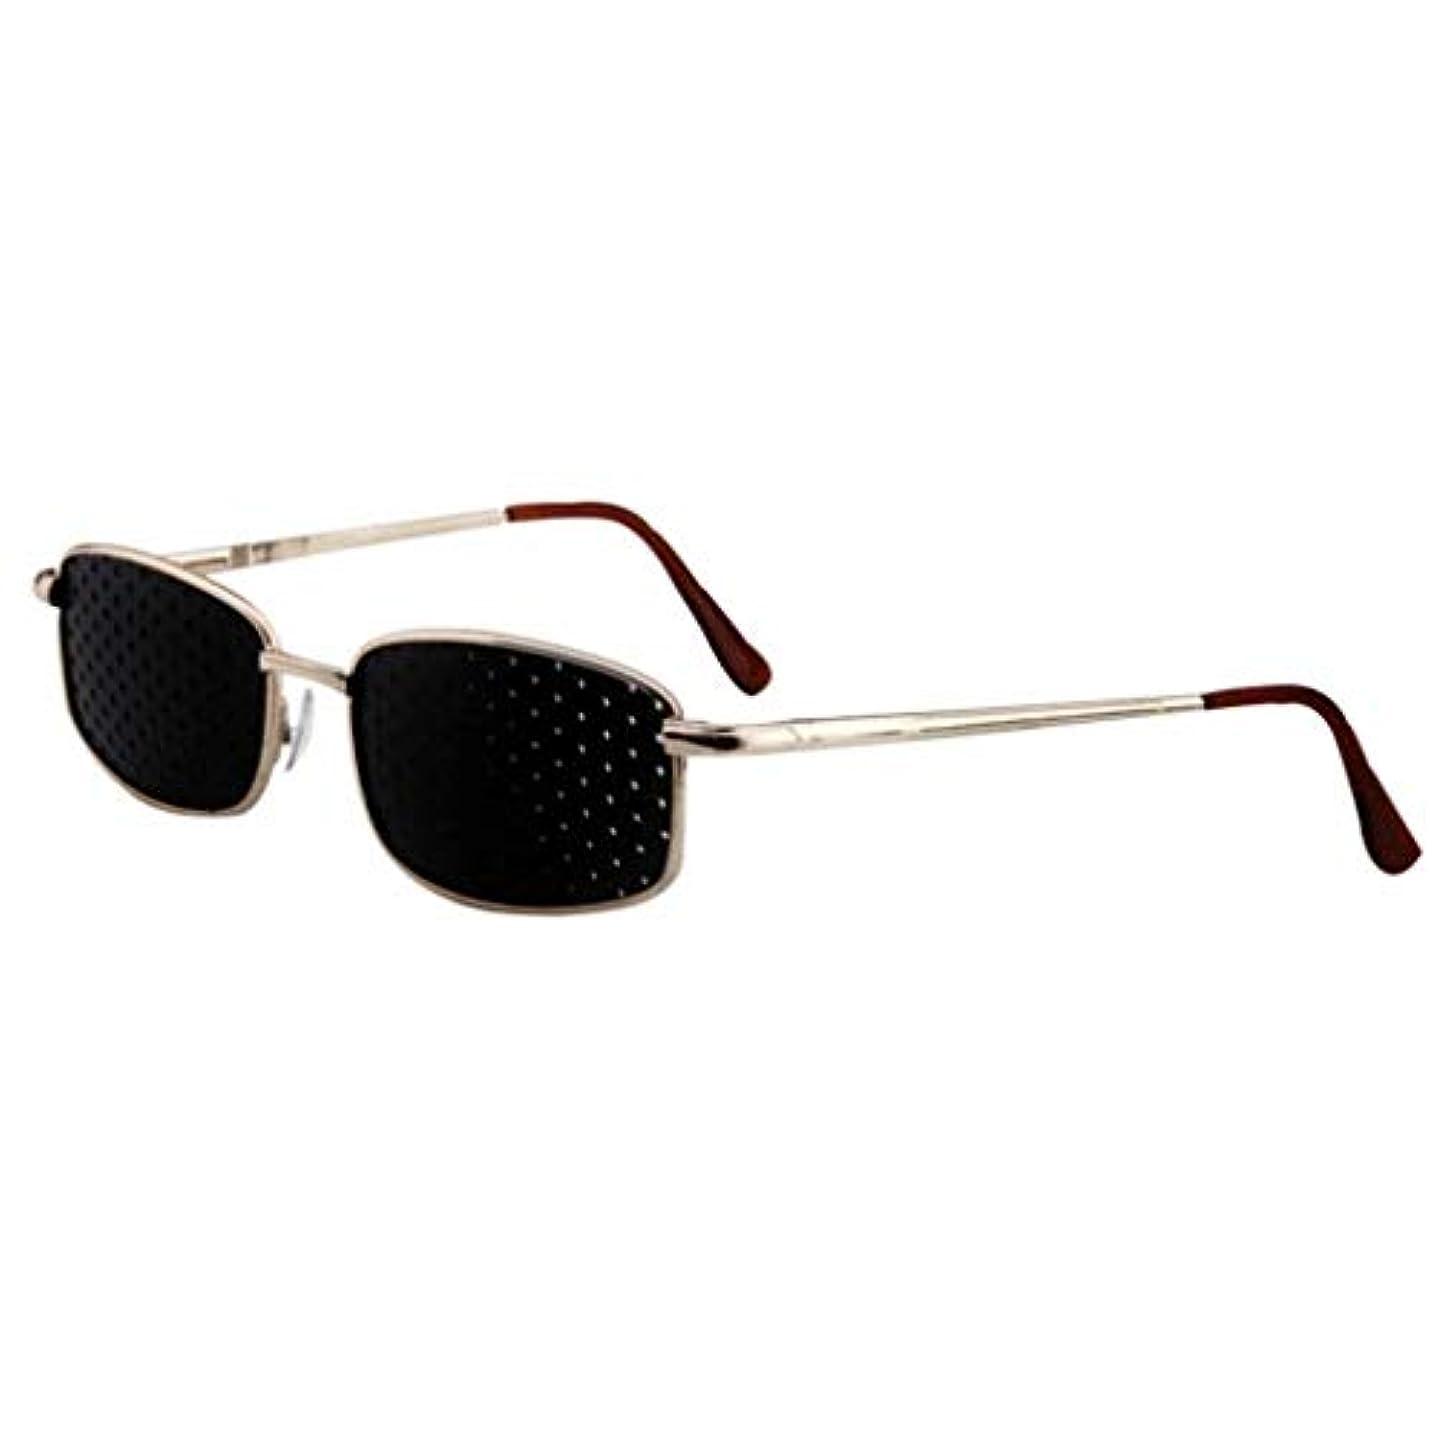 邪魔する鍔散髪ピンホールメガネ、視力矯正メガネ網状視力保護メガネ耐疲労性メガネ近視の防止メガネの改善